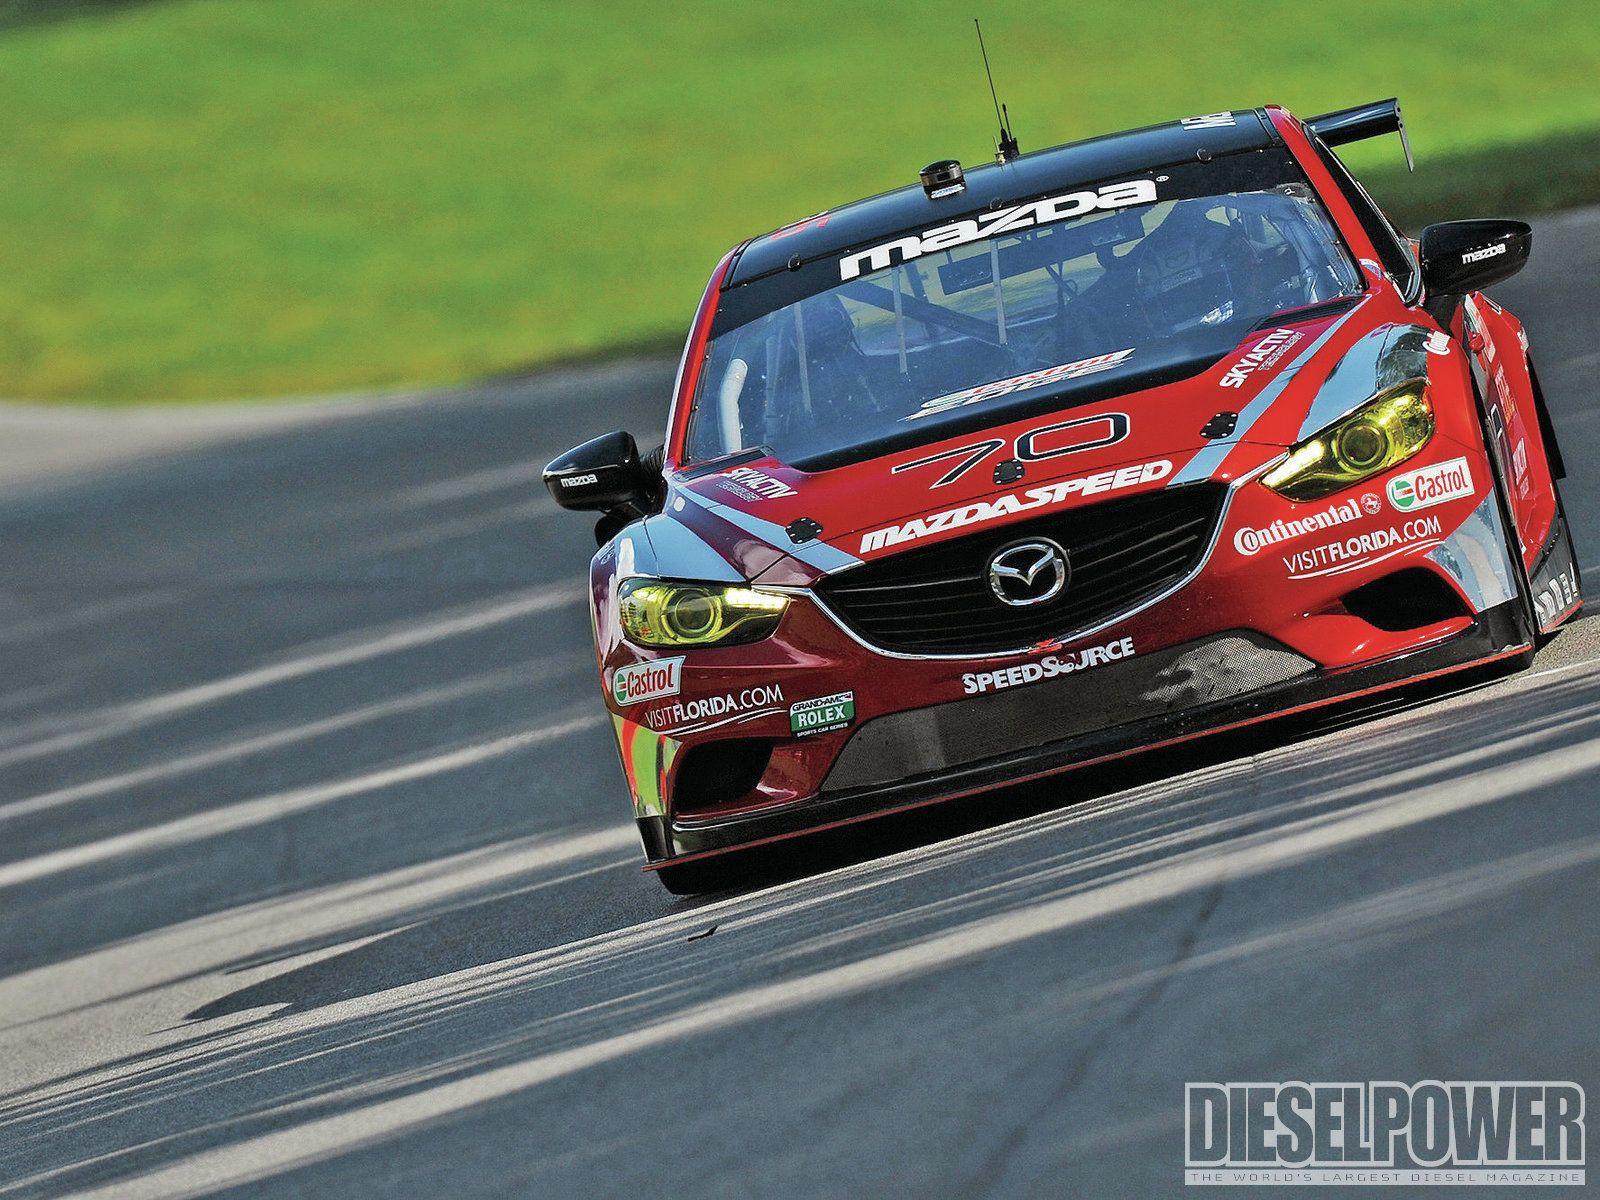 mazda racing | Mazda Racing | Pinterest | Mazda, 2014 ram 1500 and ...